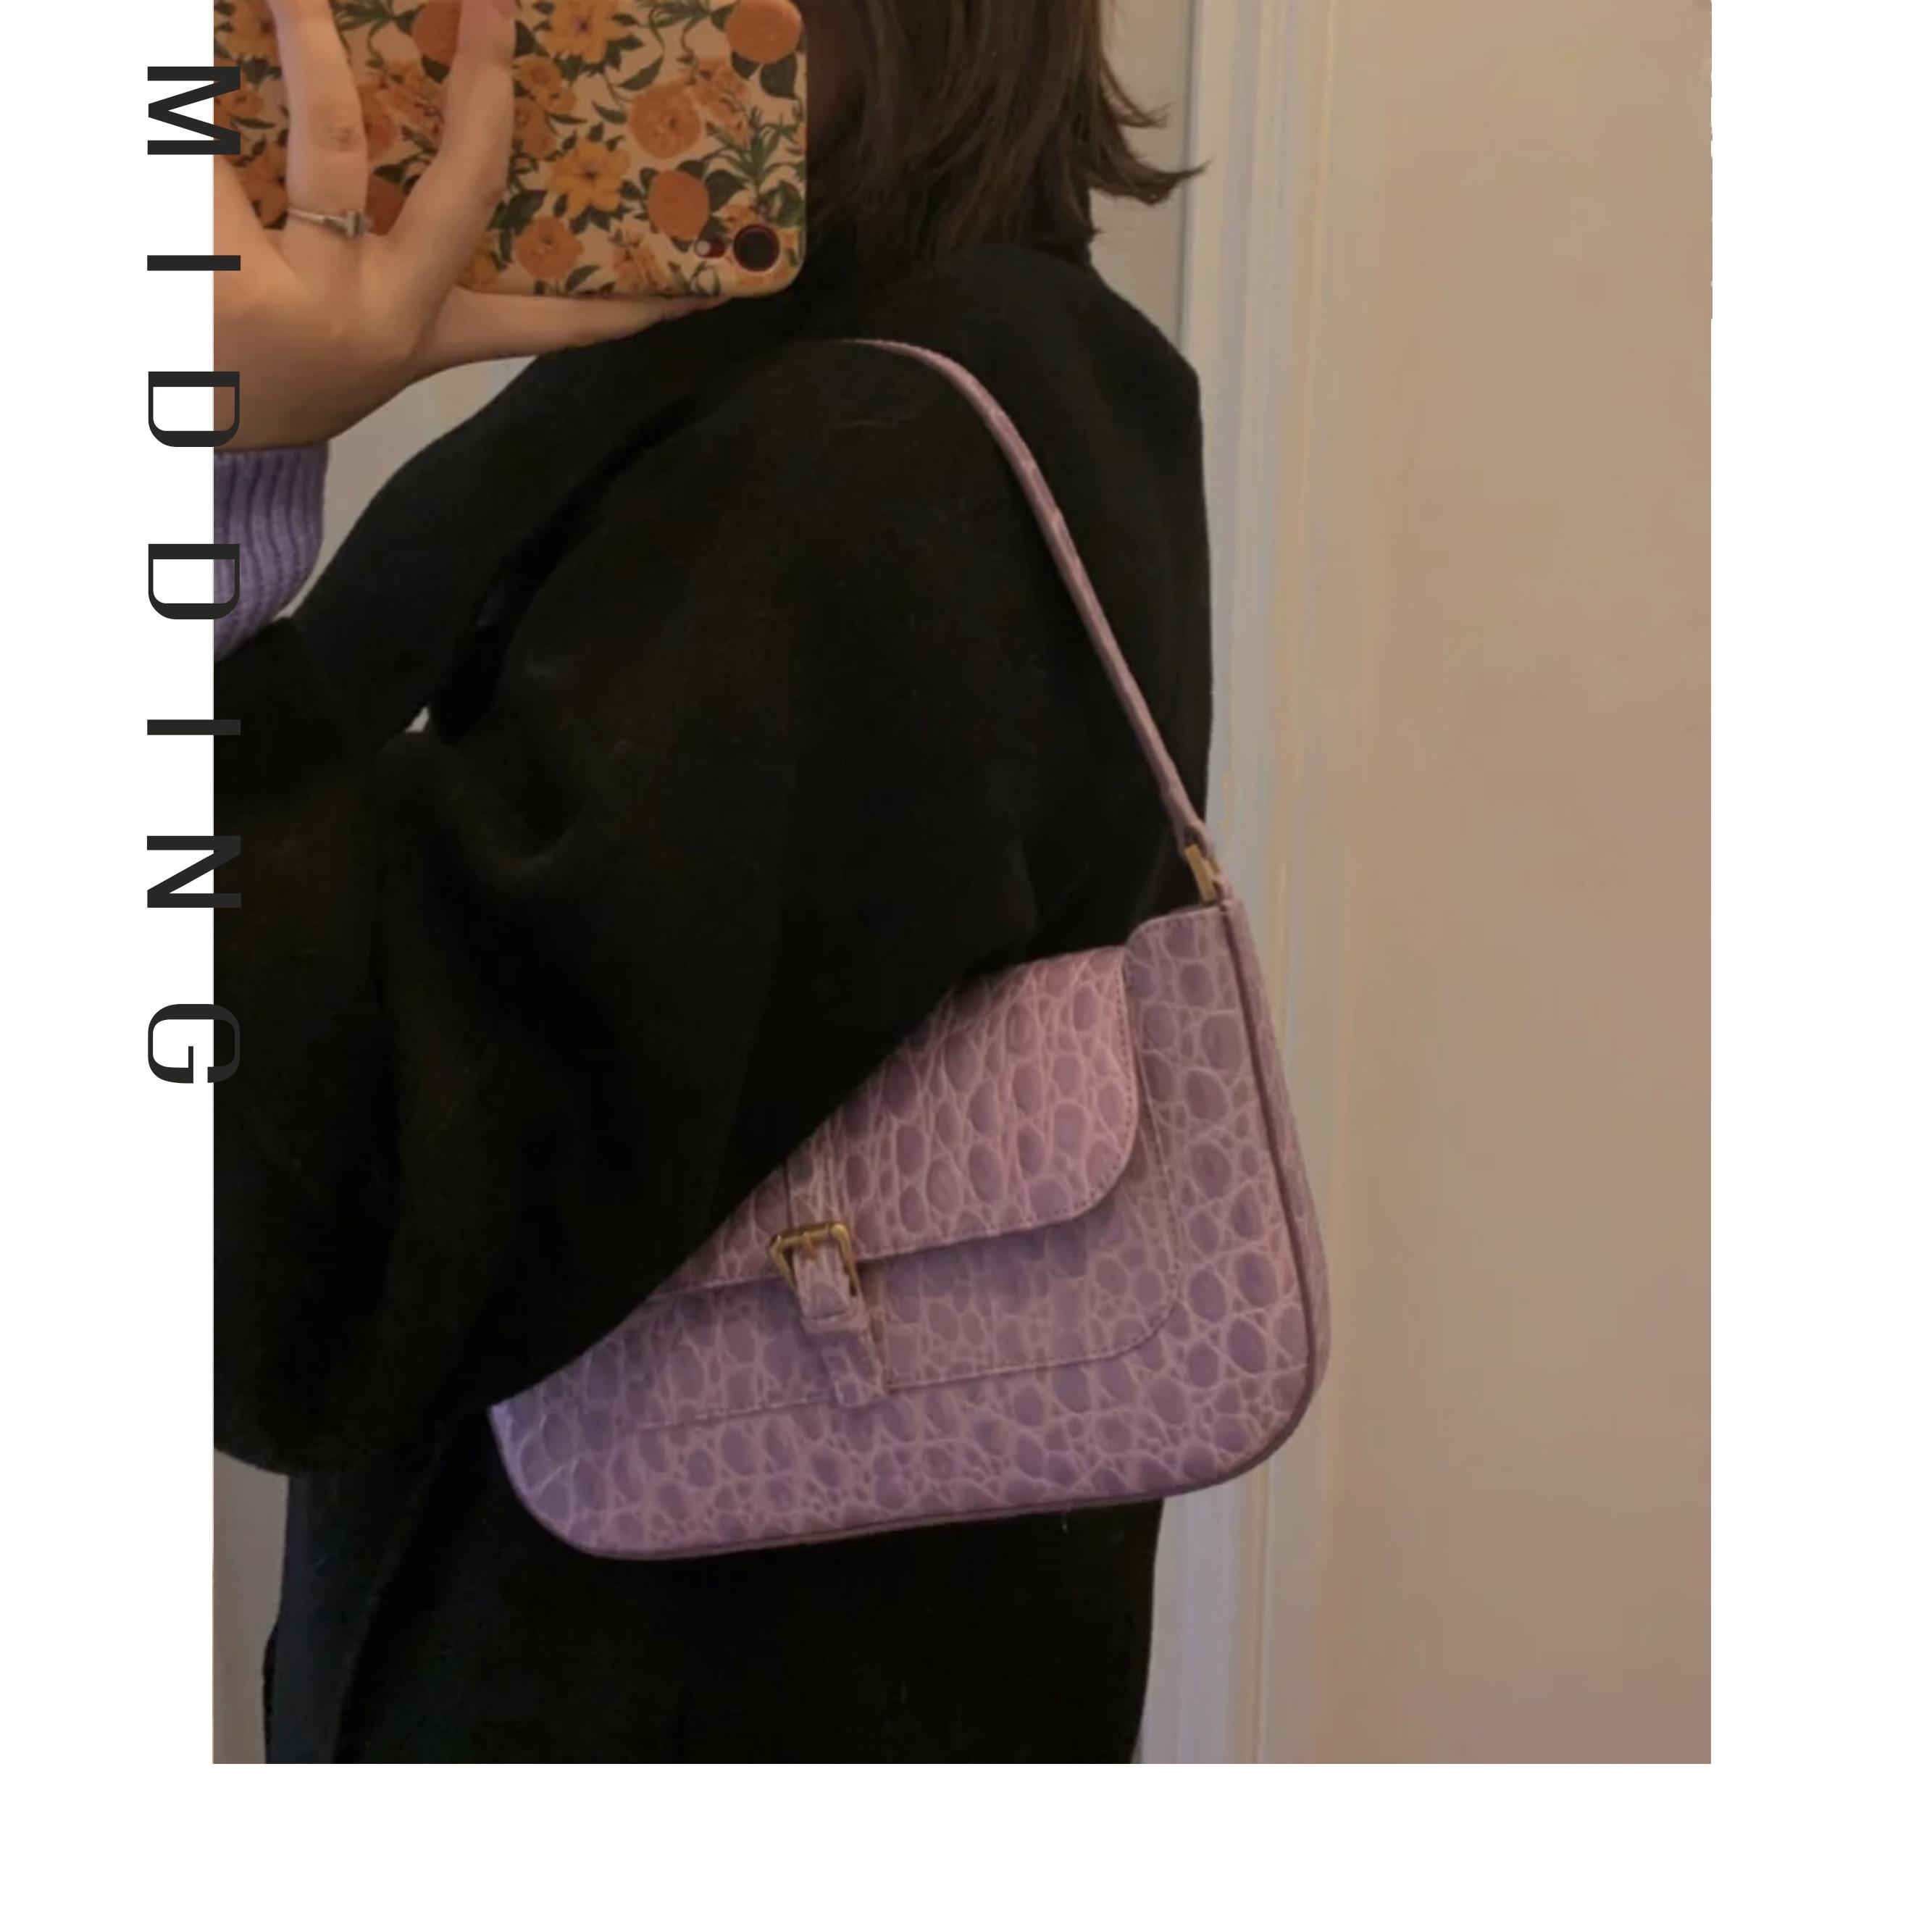 紫色手提包 Middling定制神仙色紫色石头纹miranda腋下包法棍真皮单肩手提包_推荐淘宝好看的紫色手提包